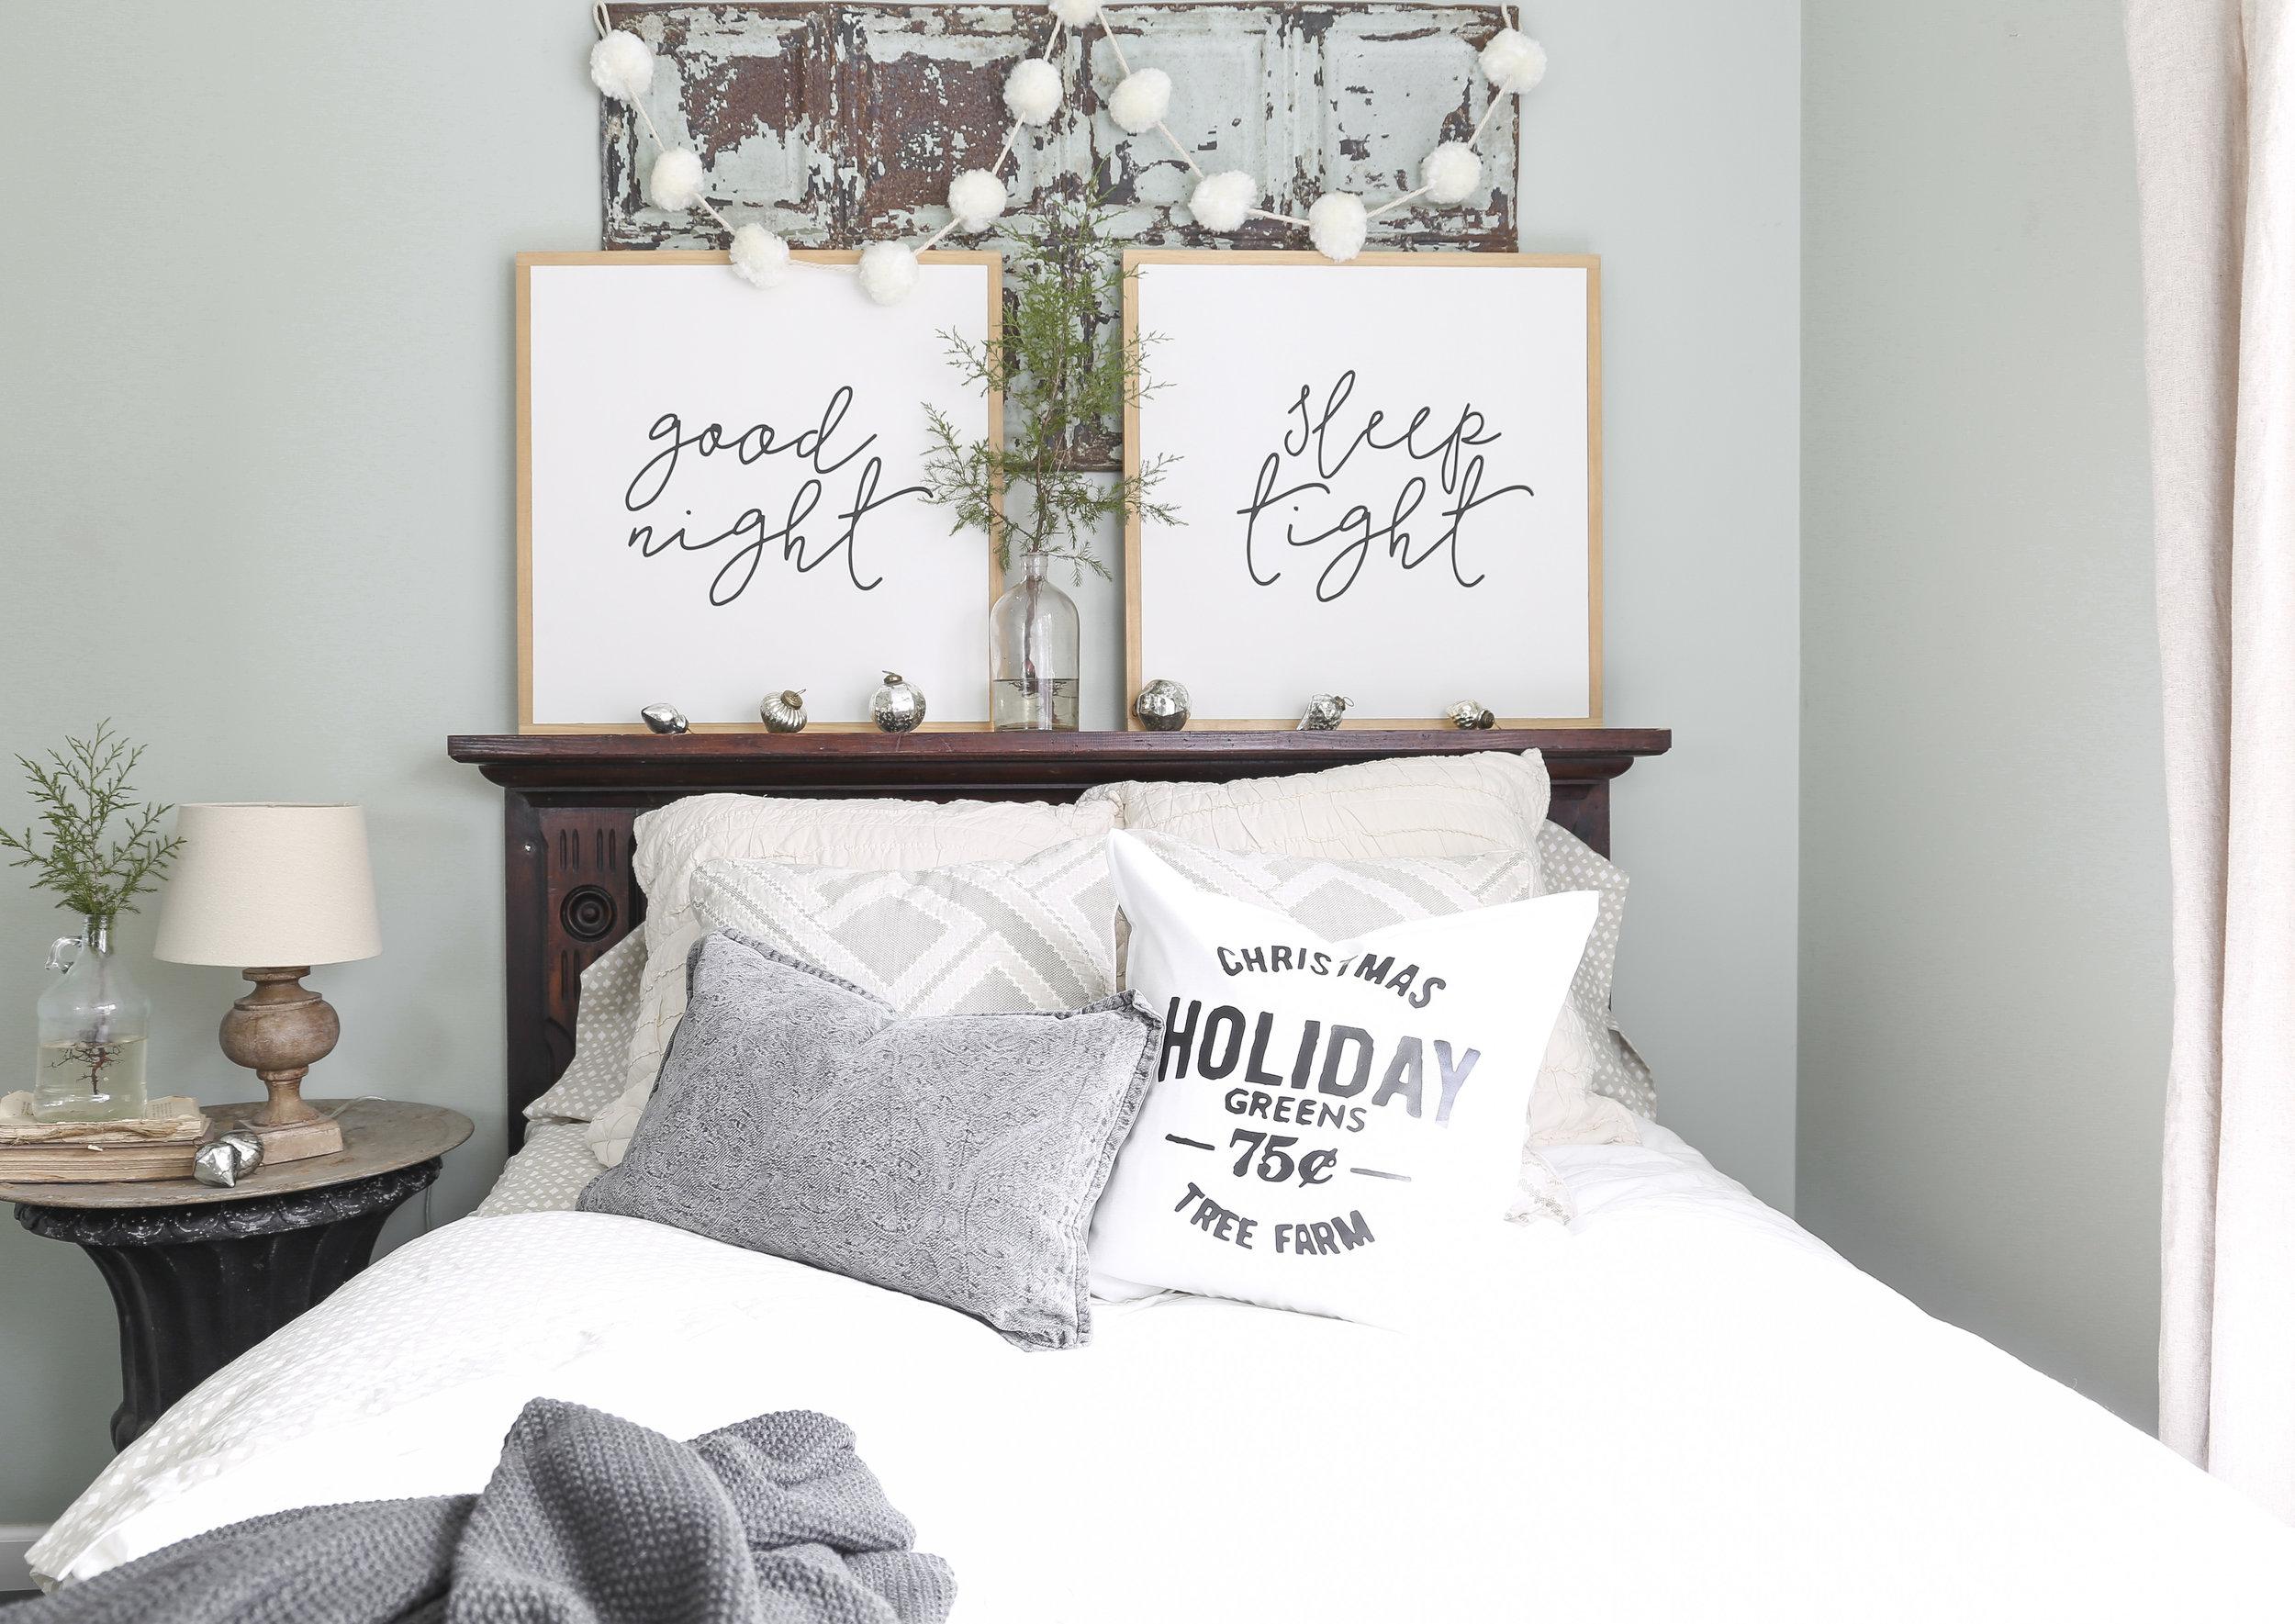 Christmas Home Tour- Guest Bedroom Christmas Decor- Plum Pretty Decor and Design